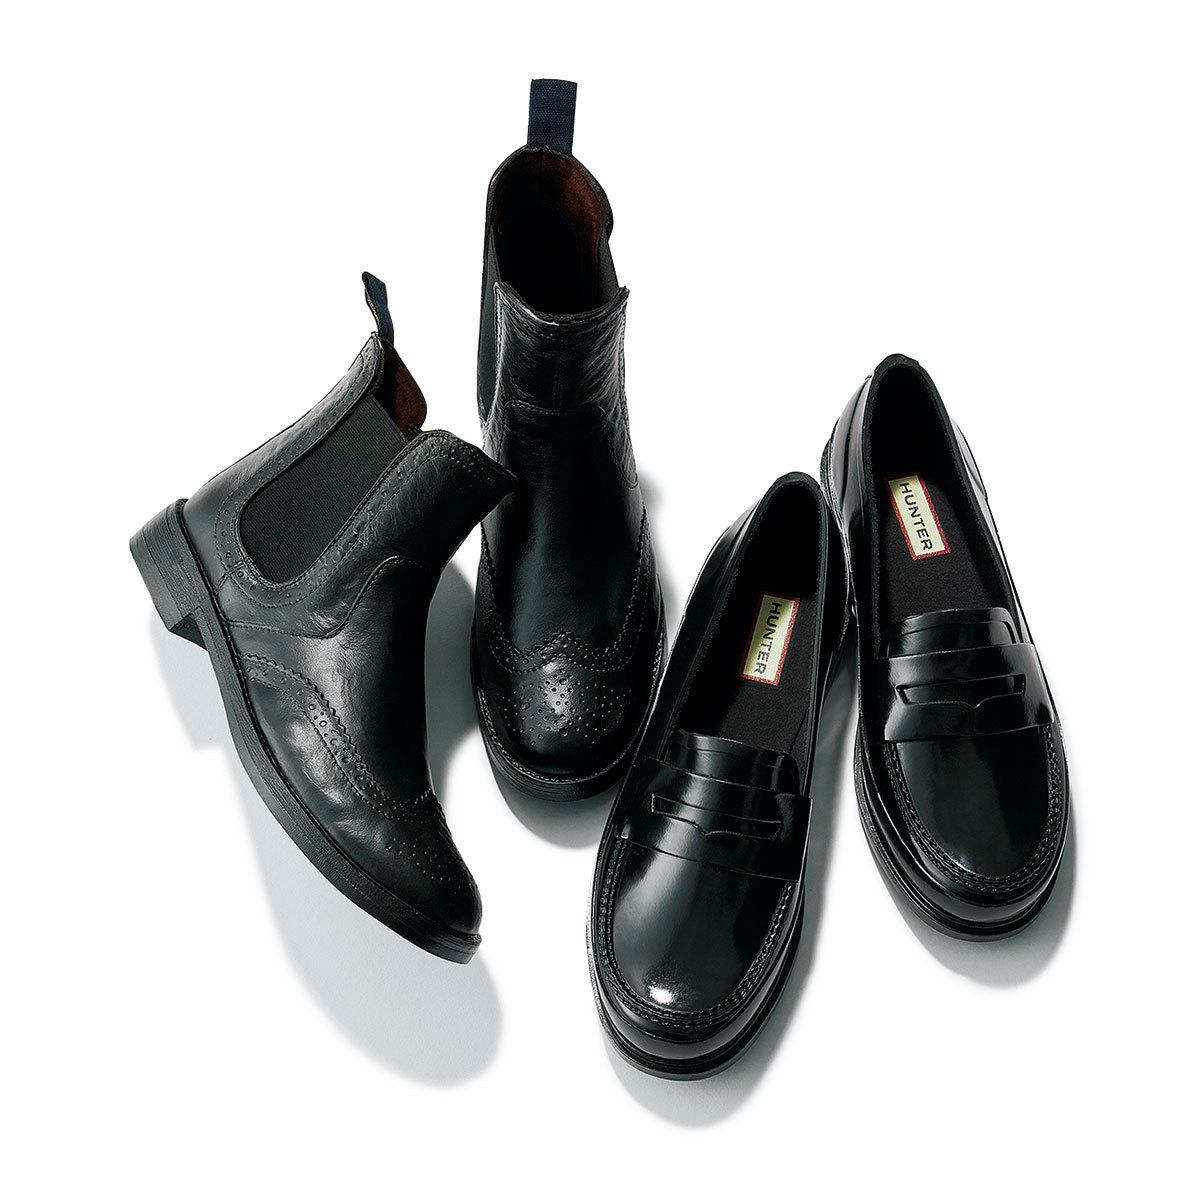 雨の日の靴もおしゃれに! レインシューズ特集 | レインブーツ、ゴム製のローファーなど | アラフォーファッション_1_10